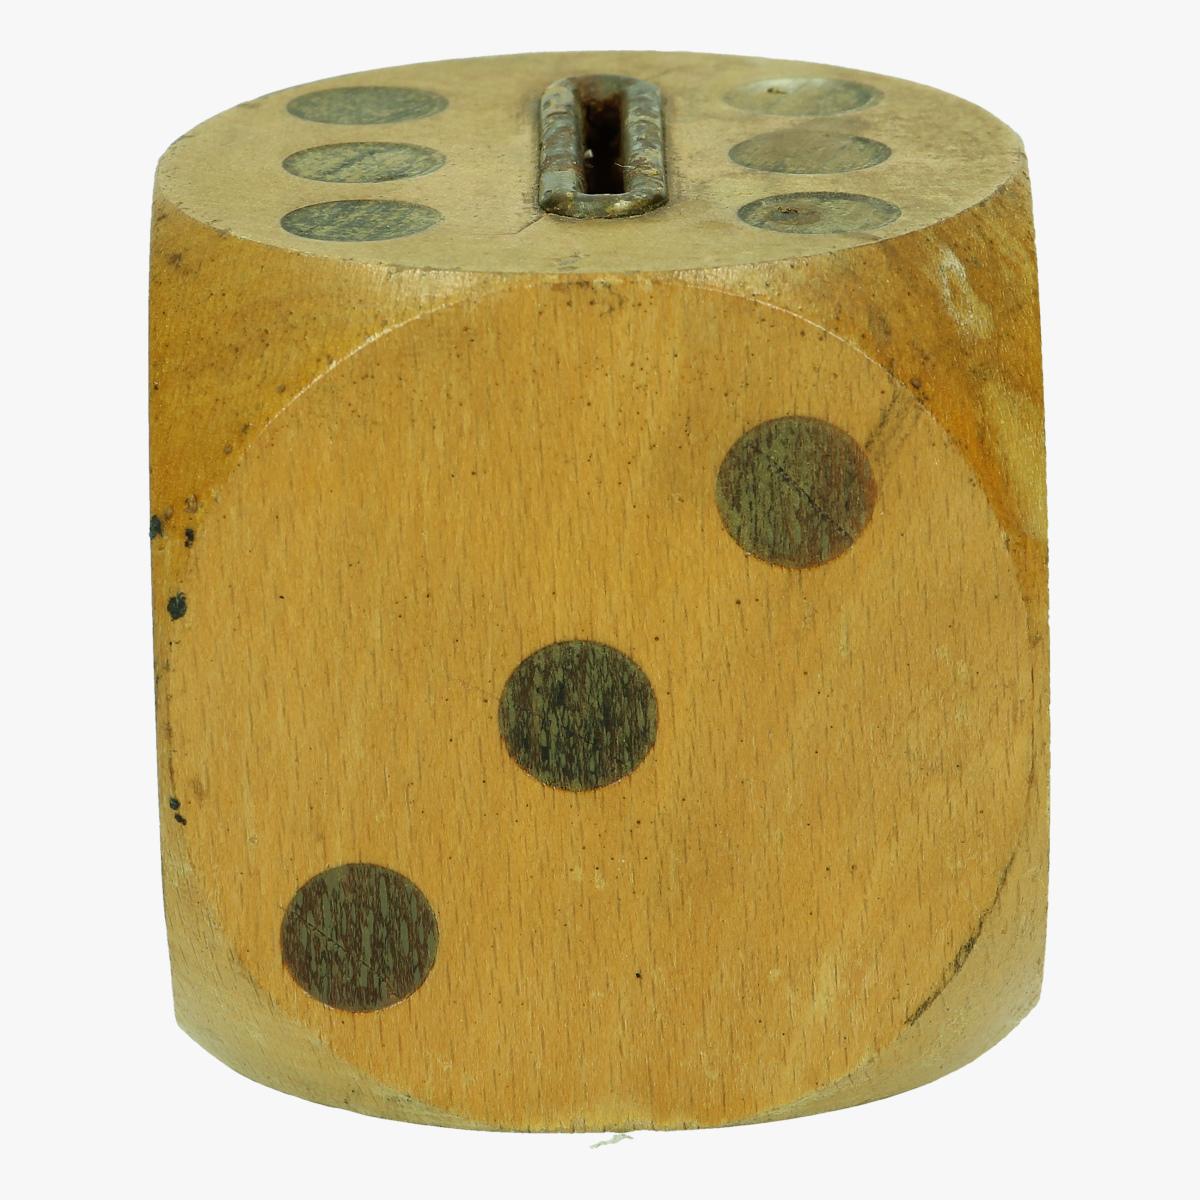 Afbeeldingen van spaarpot houten dobbelsteen